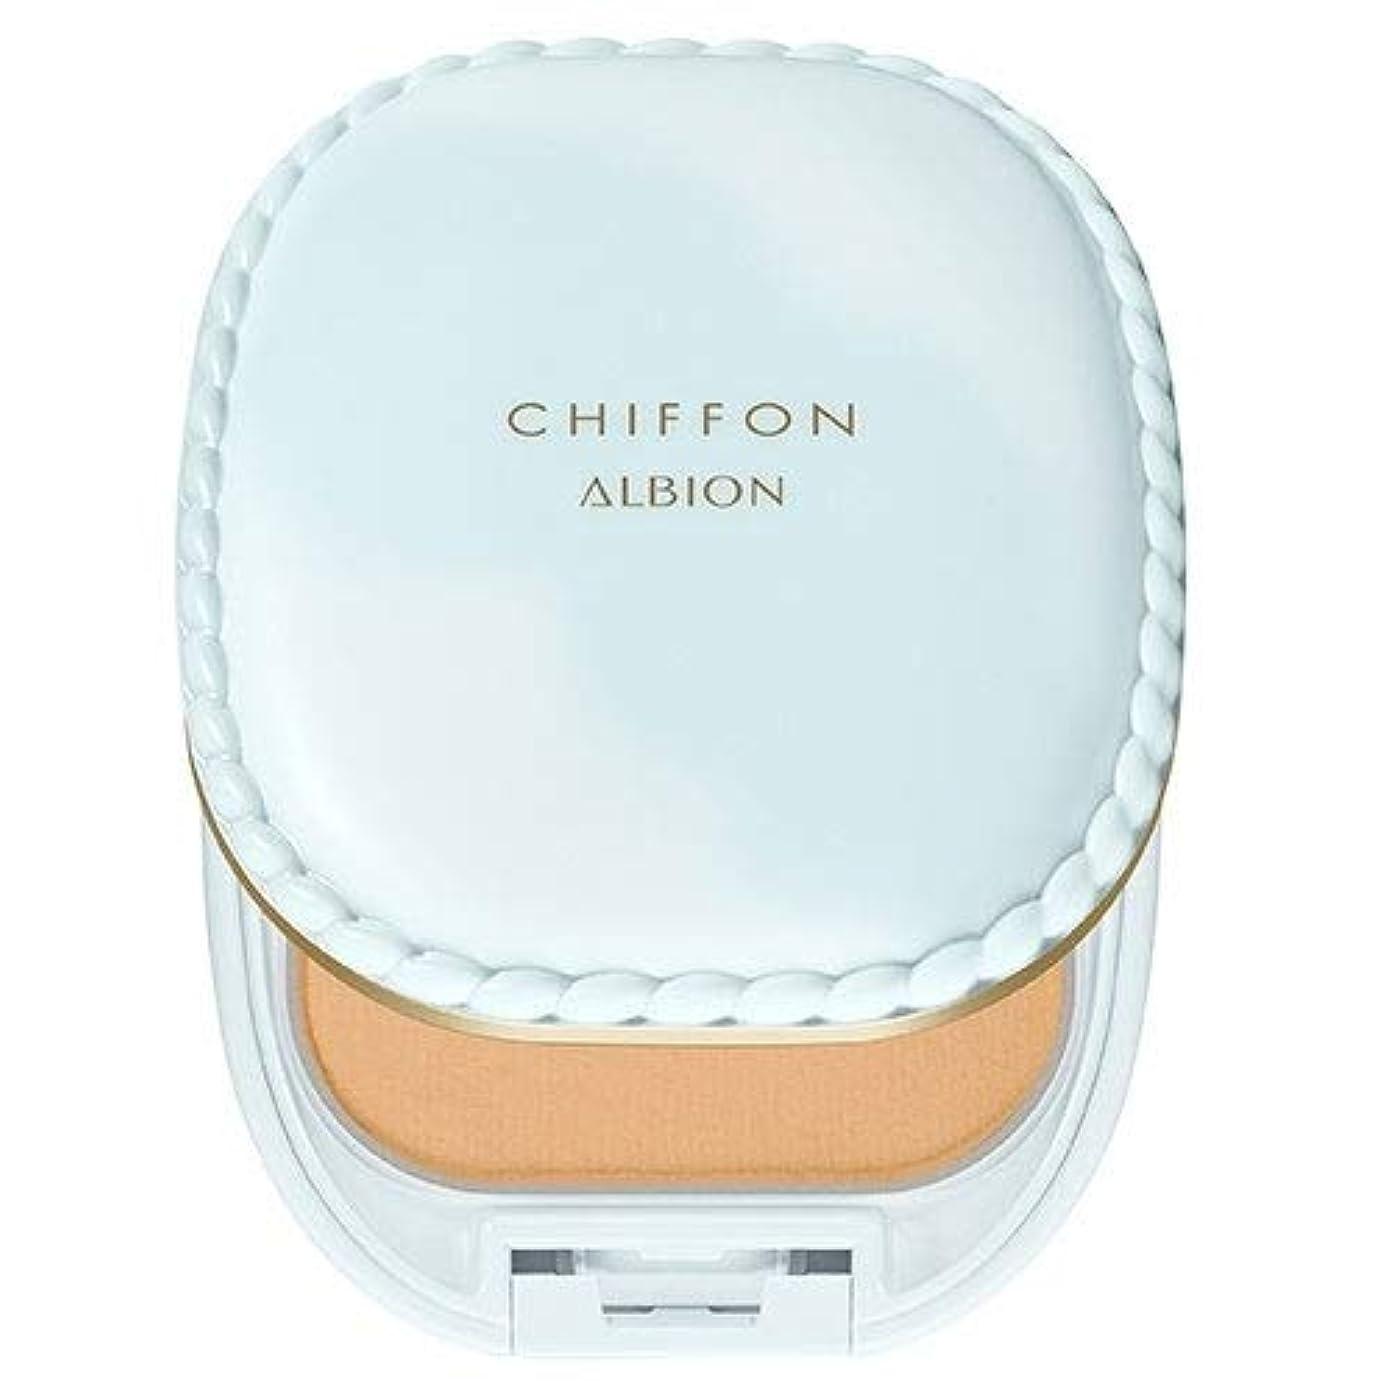 パーツしなやかな曖昧なアルビオン スノー ホワイト シフォン (パフ付ケースのみ) -ALBION-